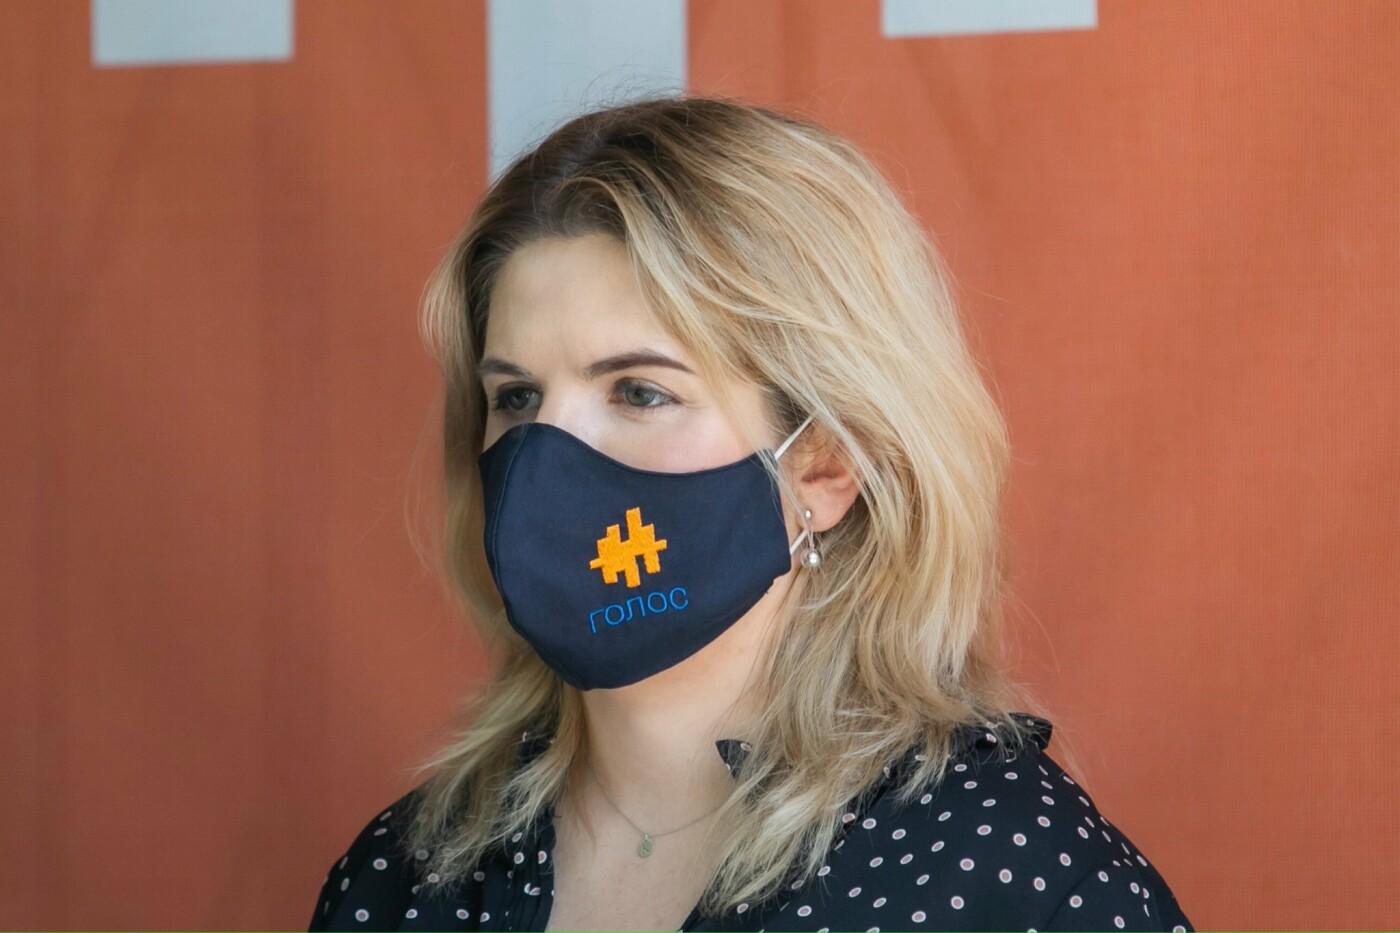 Статус не спасет. ТОП-7 влиятельных украинских политиков, заразившихся коронавирусом, - ФОТО, фото-5